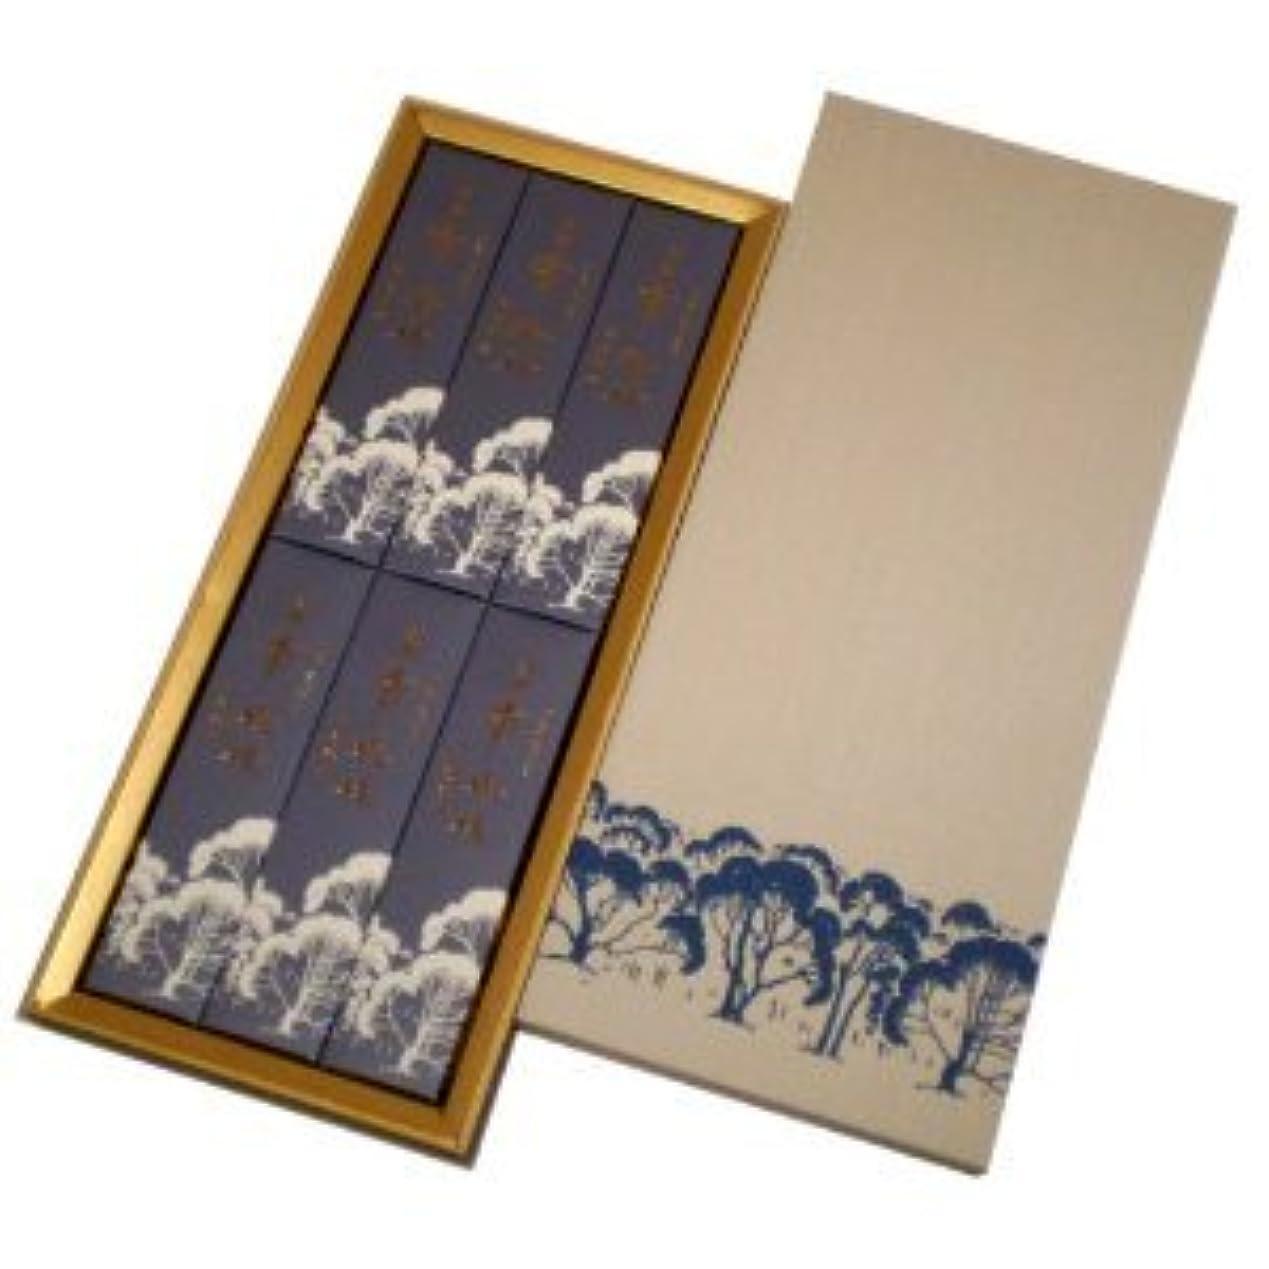 職人裁判所穿孔する玉初堂 淡麗香樹林 短寸6箱入化粧紙箱